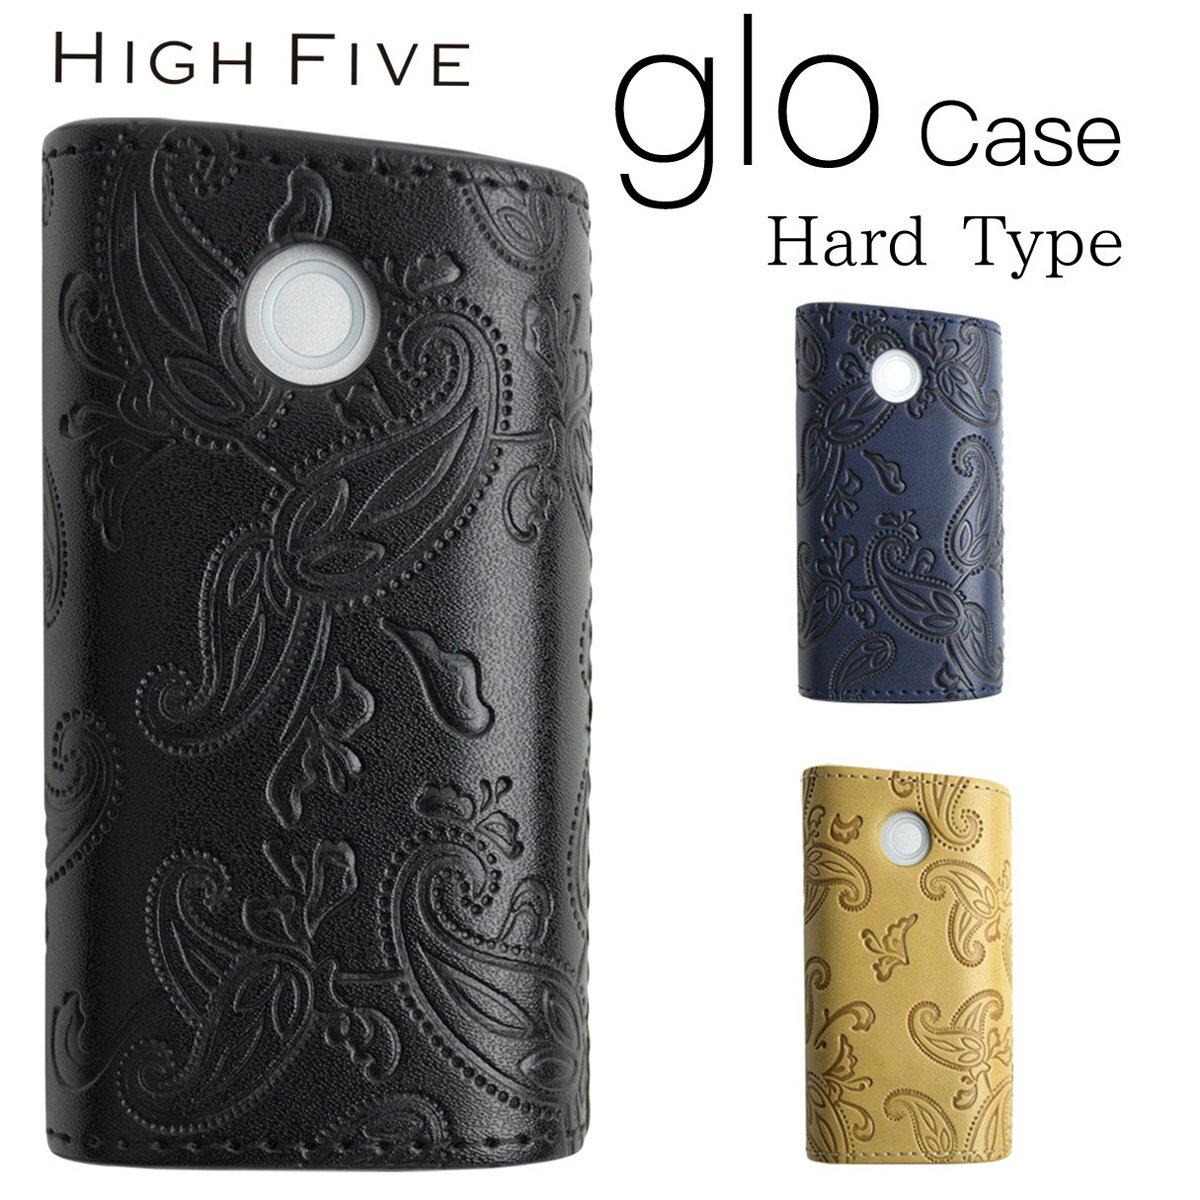 glo グロー ケース ハードケース スリーブケース ペイズリー フラワーデザイン glo グロー 専用 カバー コンパクト 本体 耐衝撃 収納 ホルダー HIGHFIVE ブランド 電子たばこ 送料無料